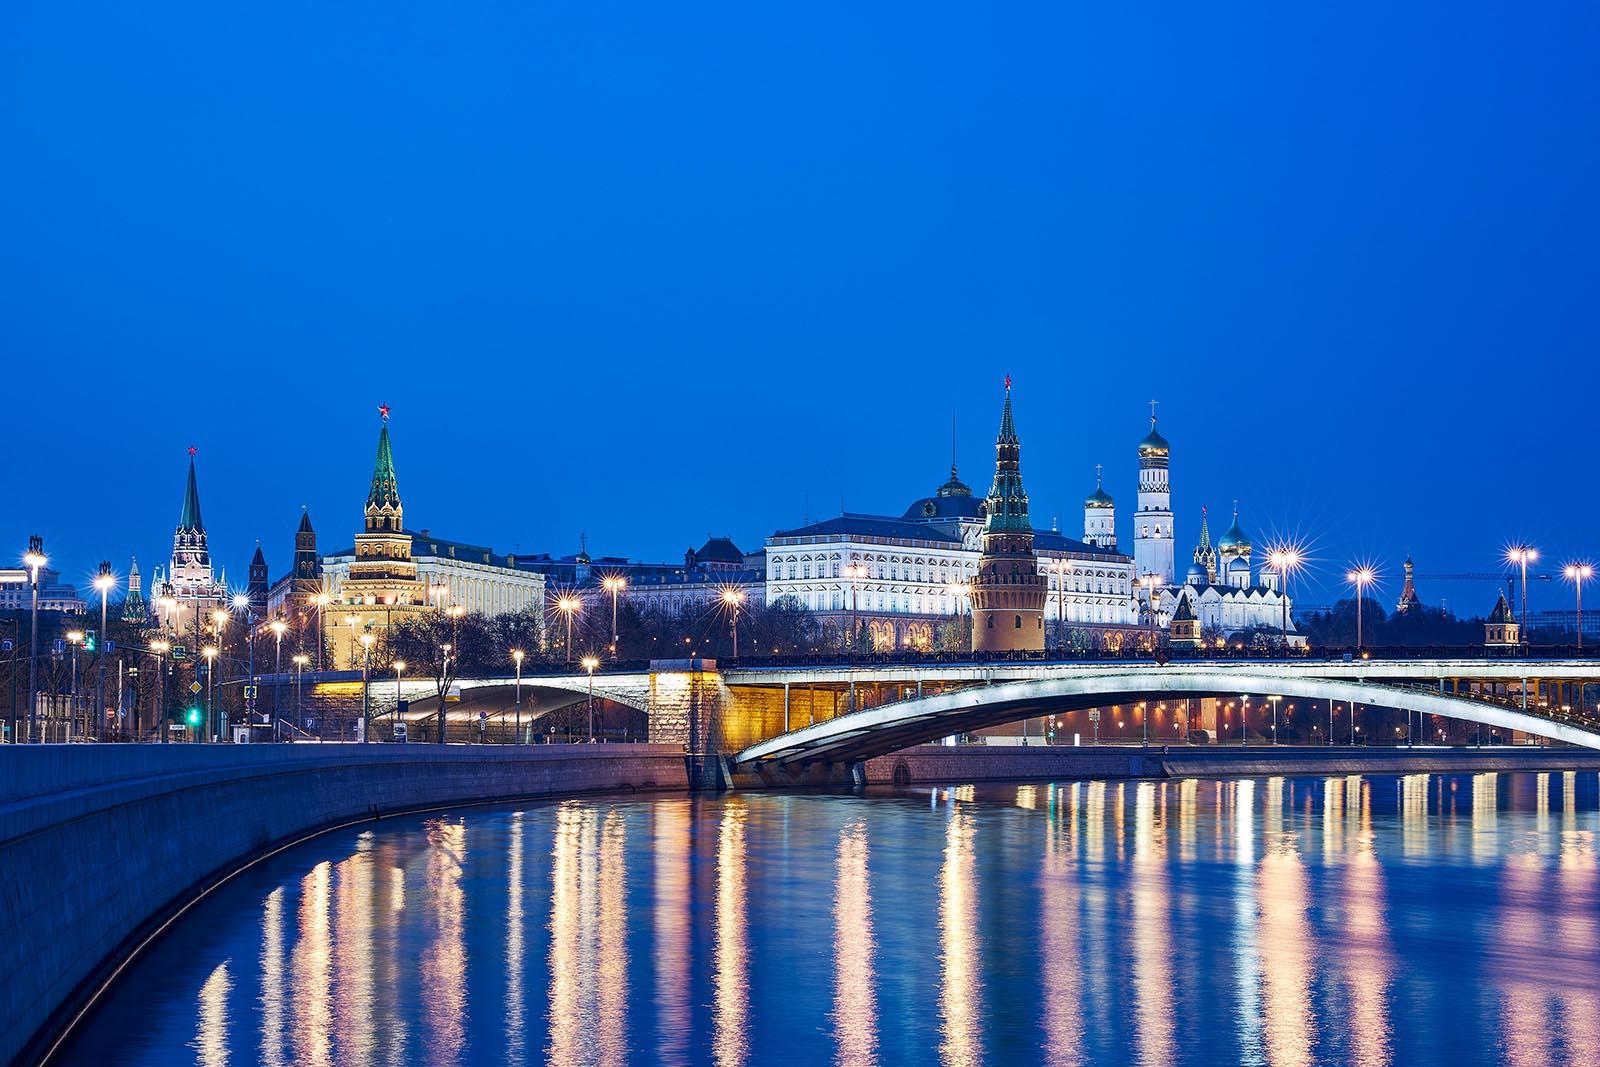 Москве удалось выполнить все социальные обязательства в период пандемии